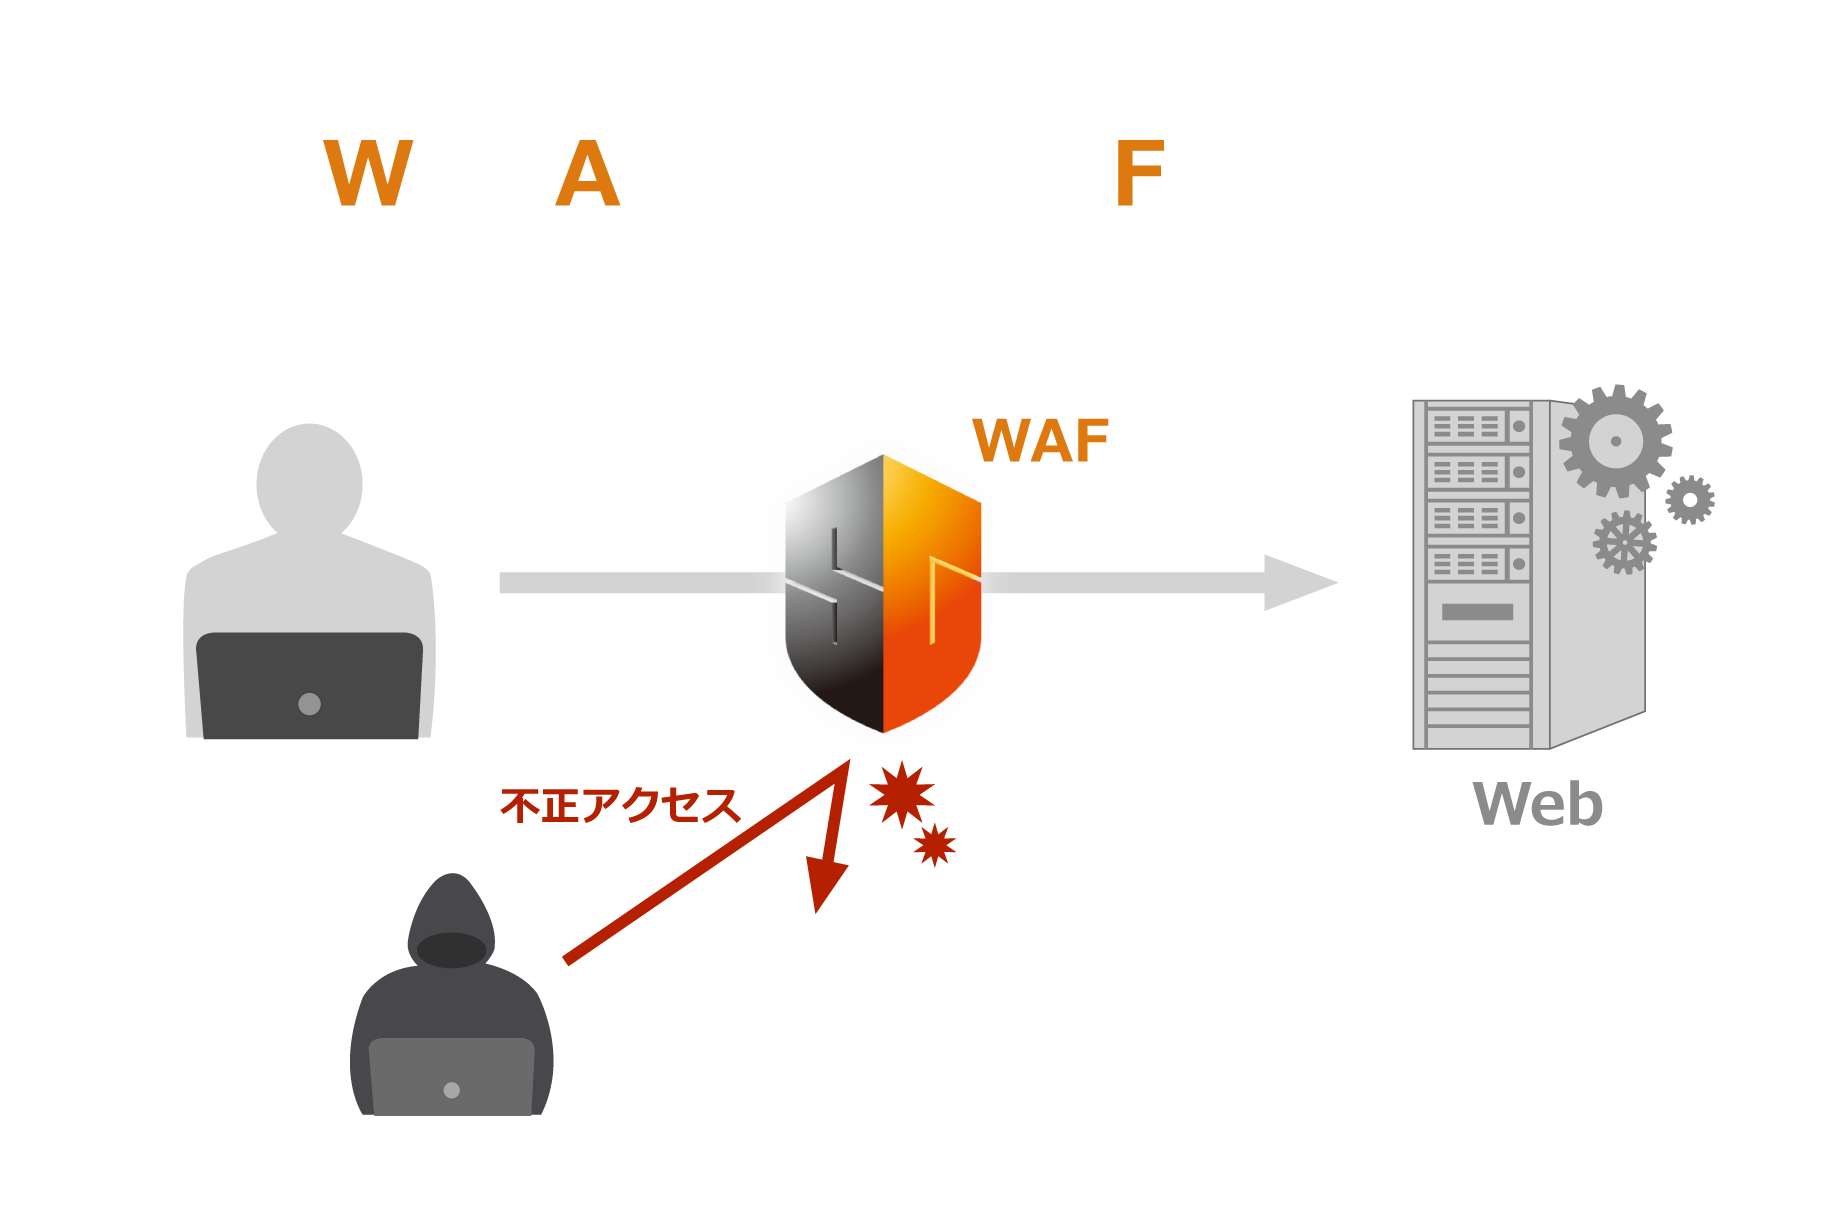 WAFとは